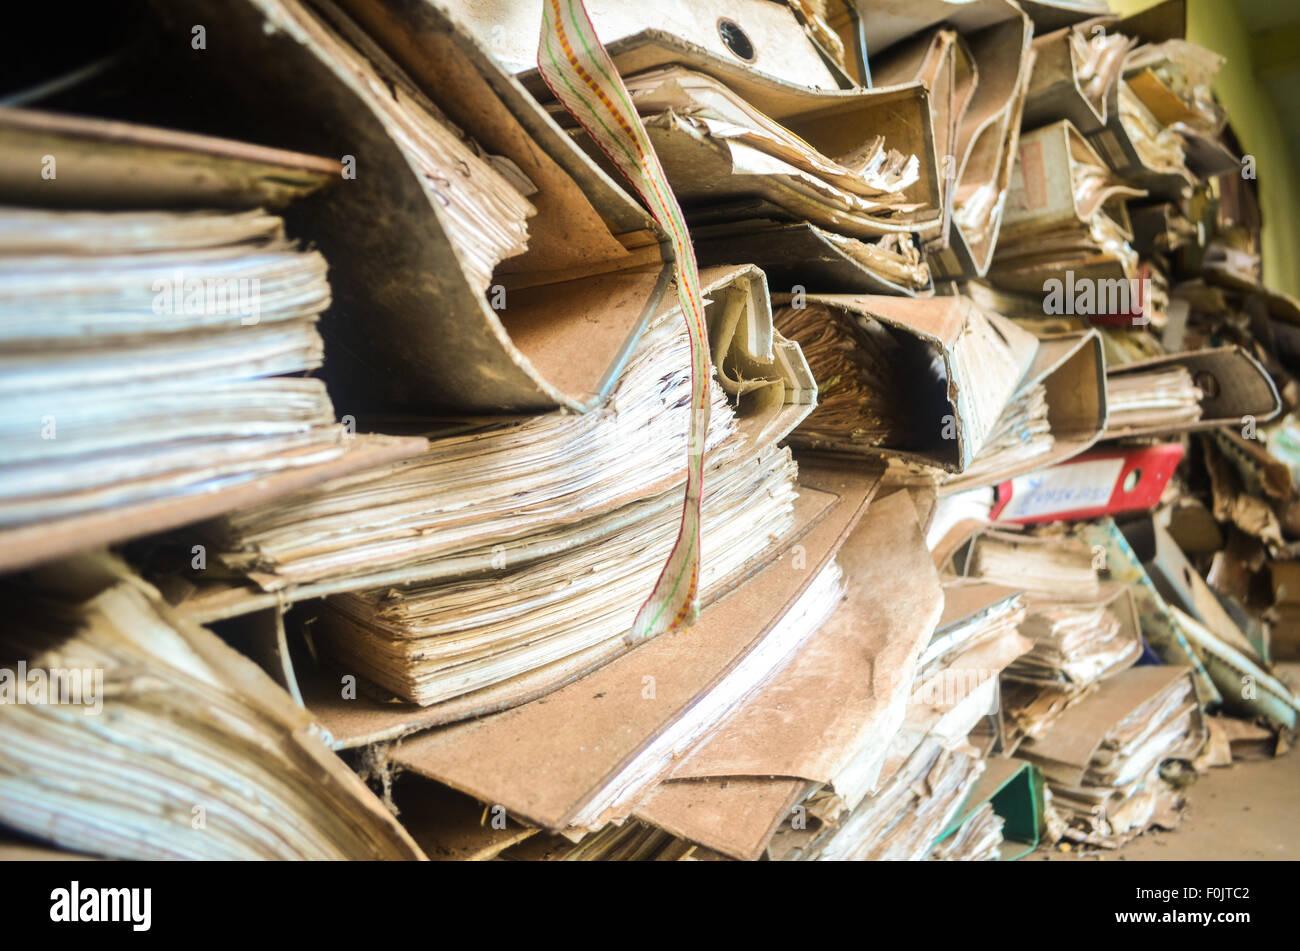 Alte gelbliche Dateien aufgeschichtet und mit Staub bedeckt Stockbild